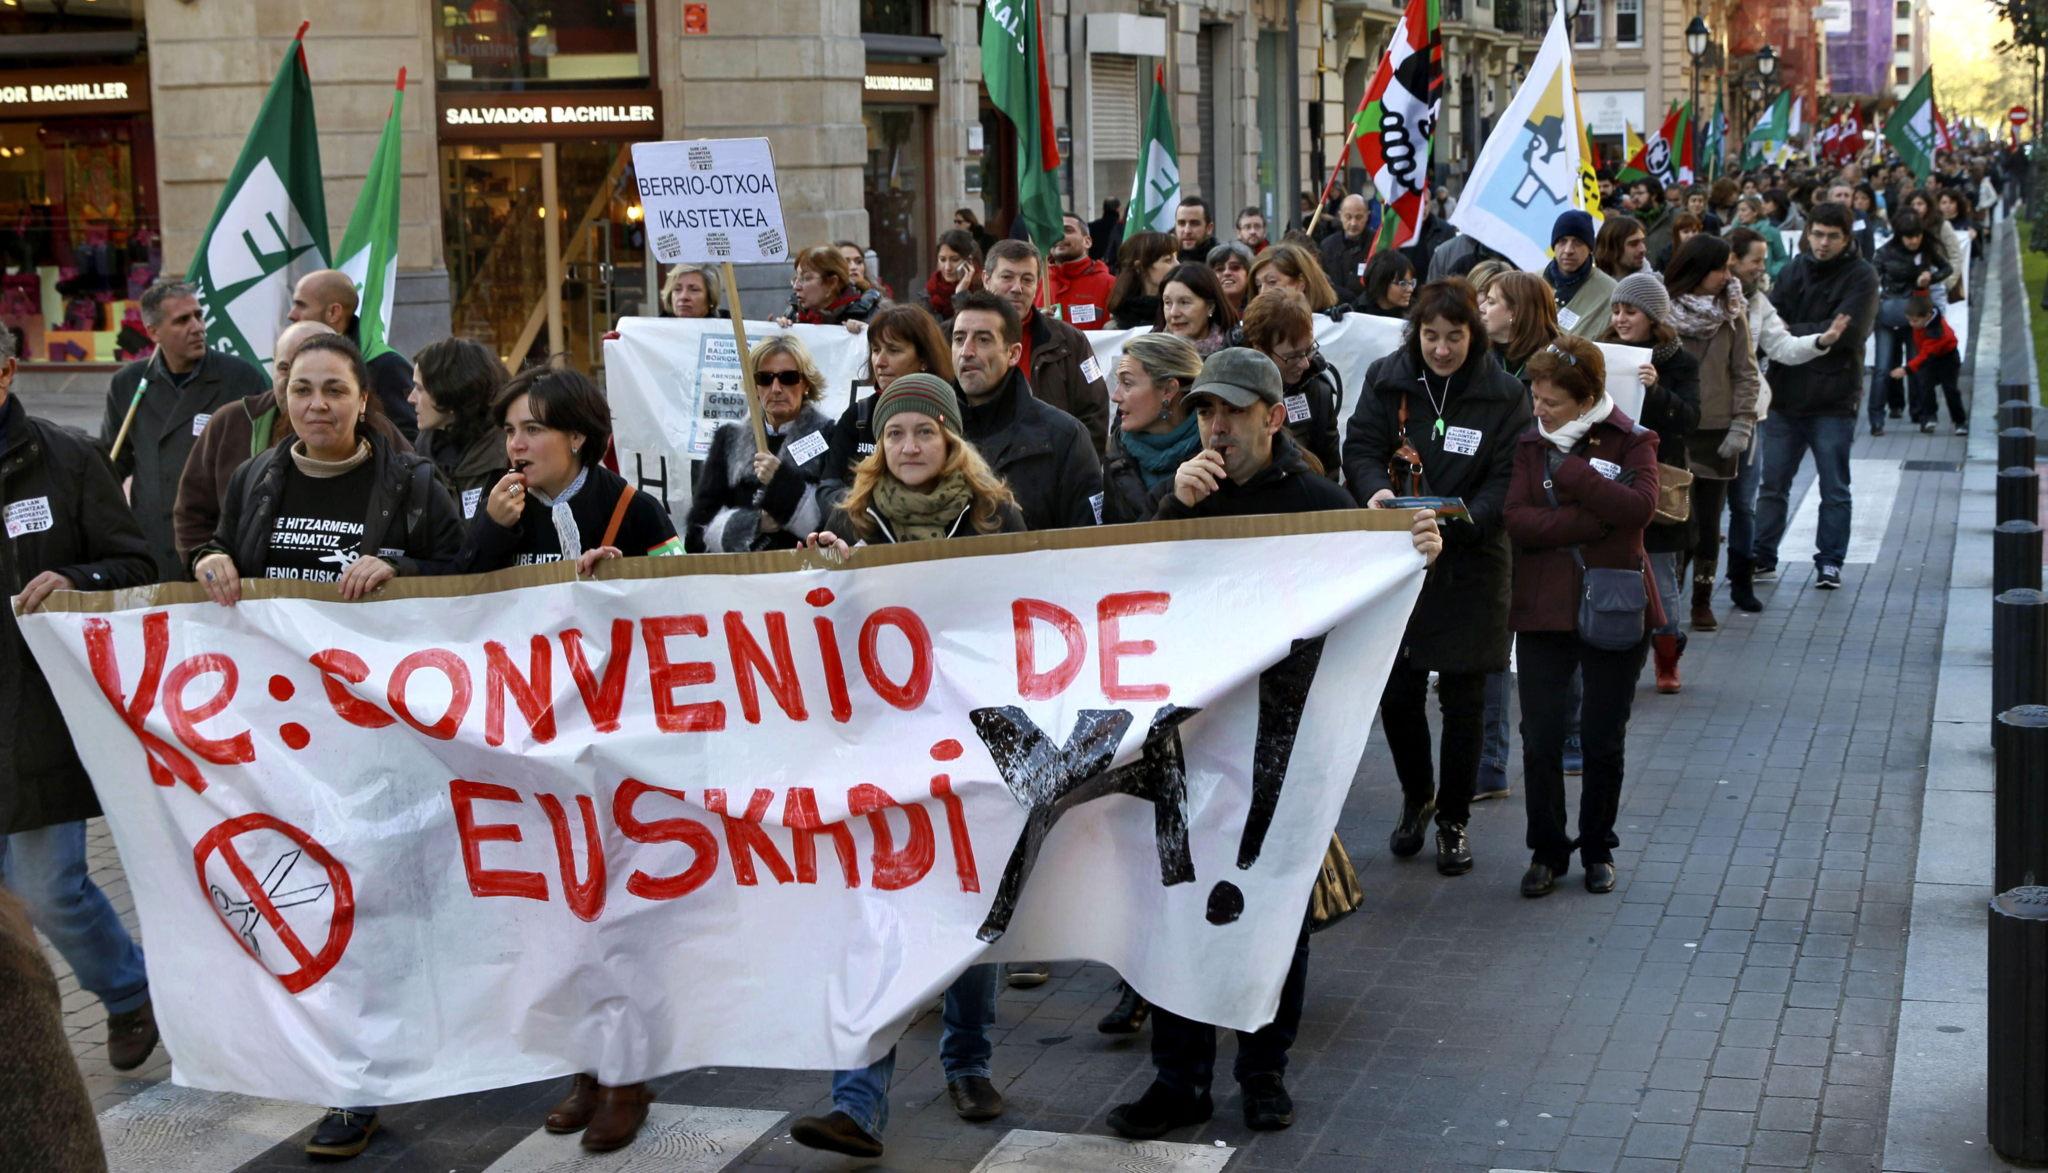 Trabajadores de la enseñanza concertada en Euskadi durante una de sus anteriores jornadas de protesta.